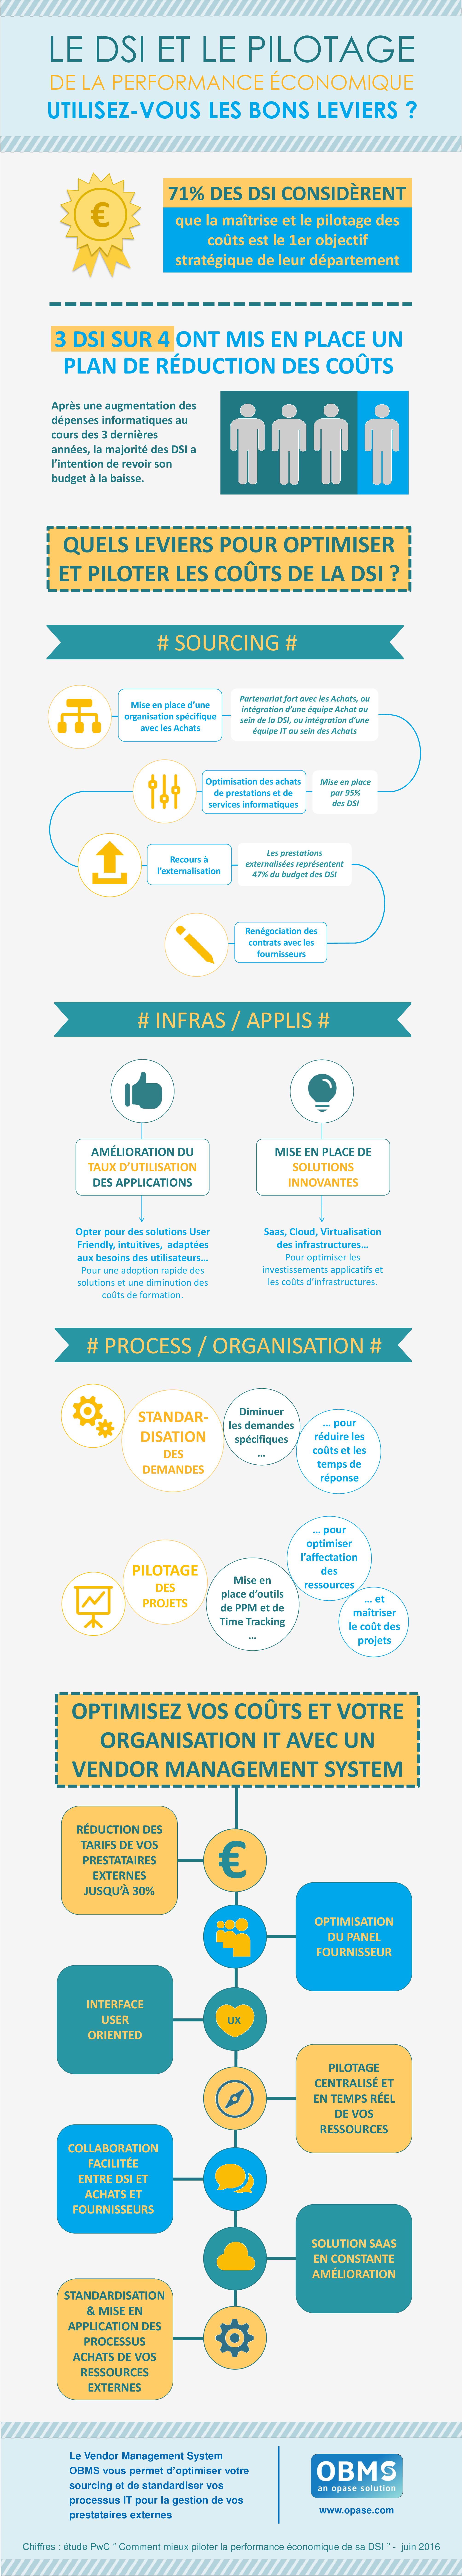 Infographie : Les DSI et le pilotage de la performance économique. Utilisez-vous les bons leviers ?